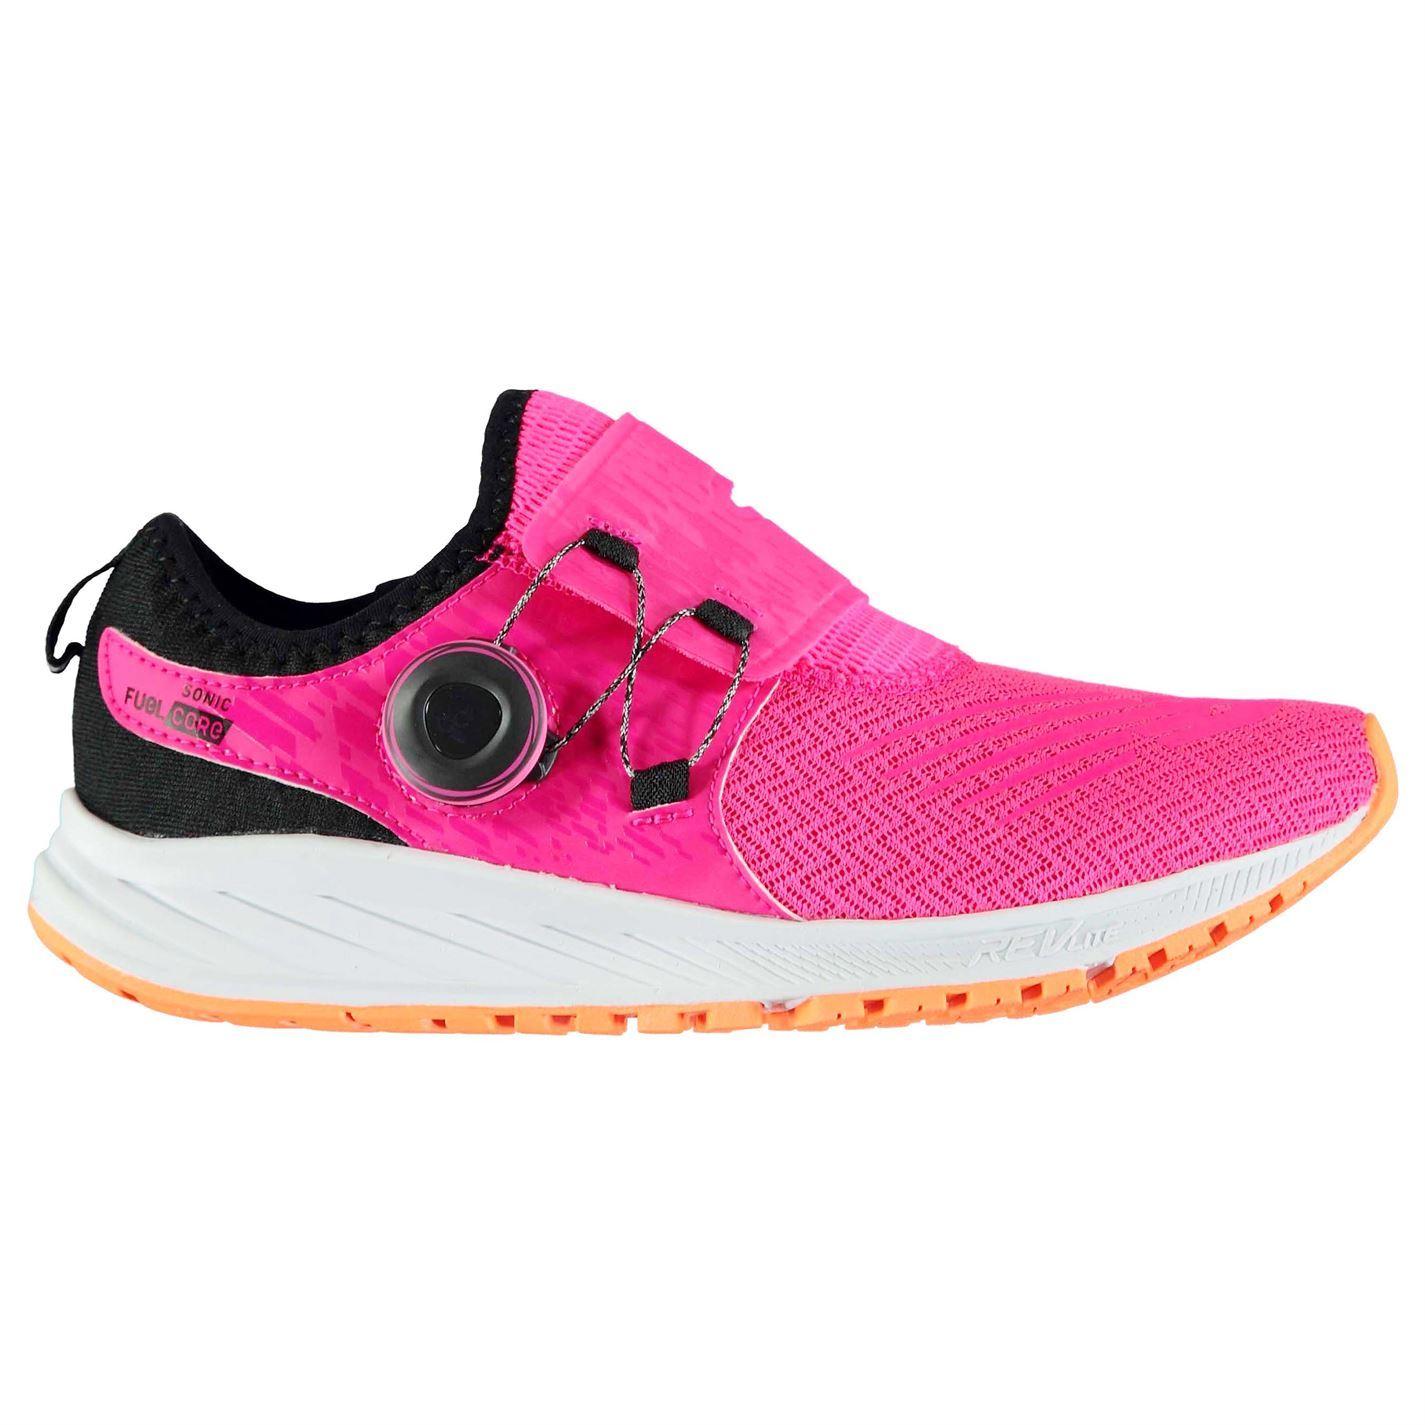 Détails sur New Balance Sonic Fuelcore Chaussures Course Femme Rose Fitness